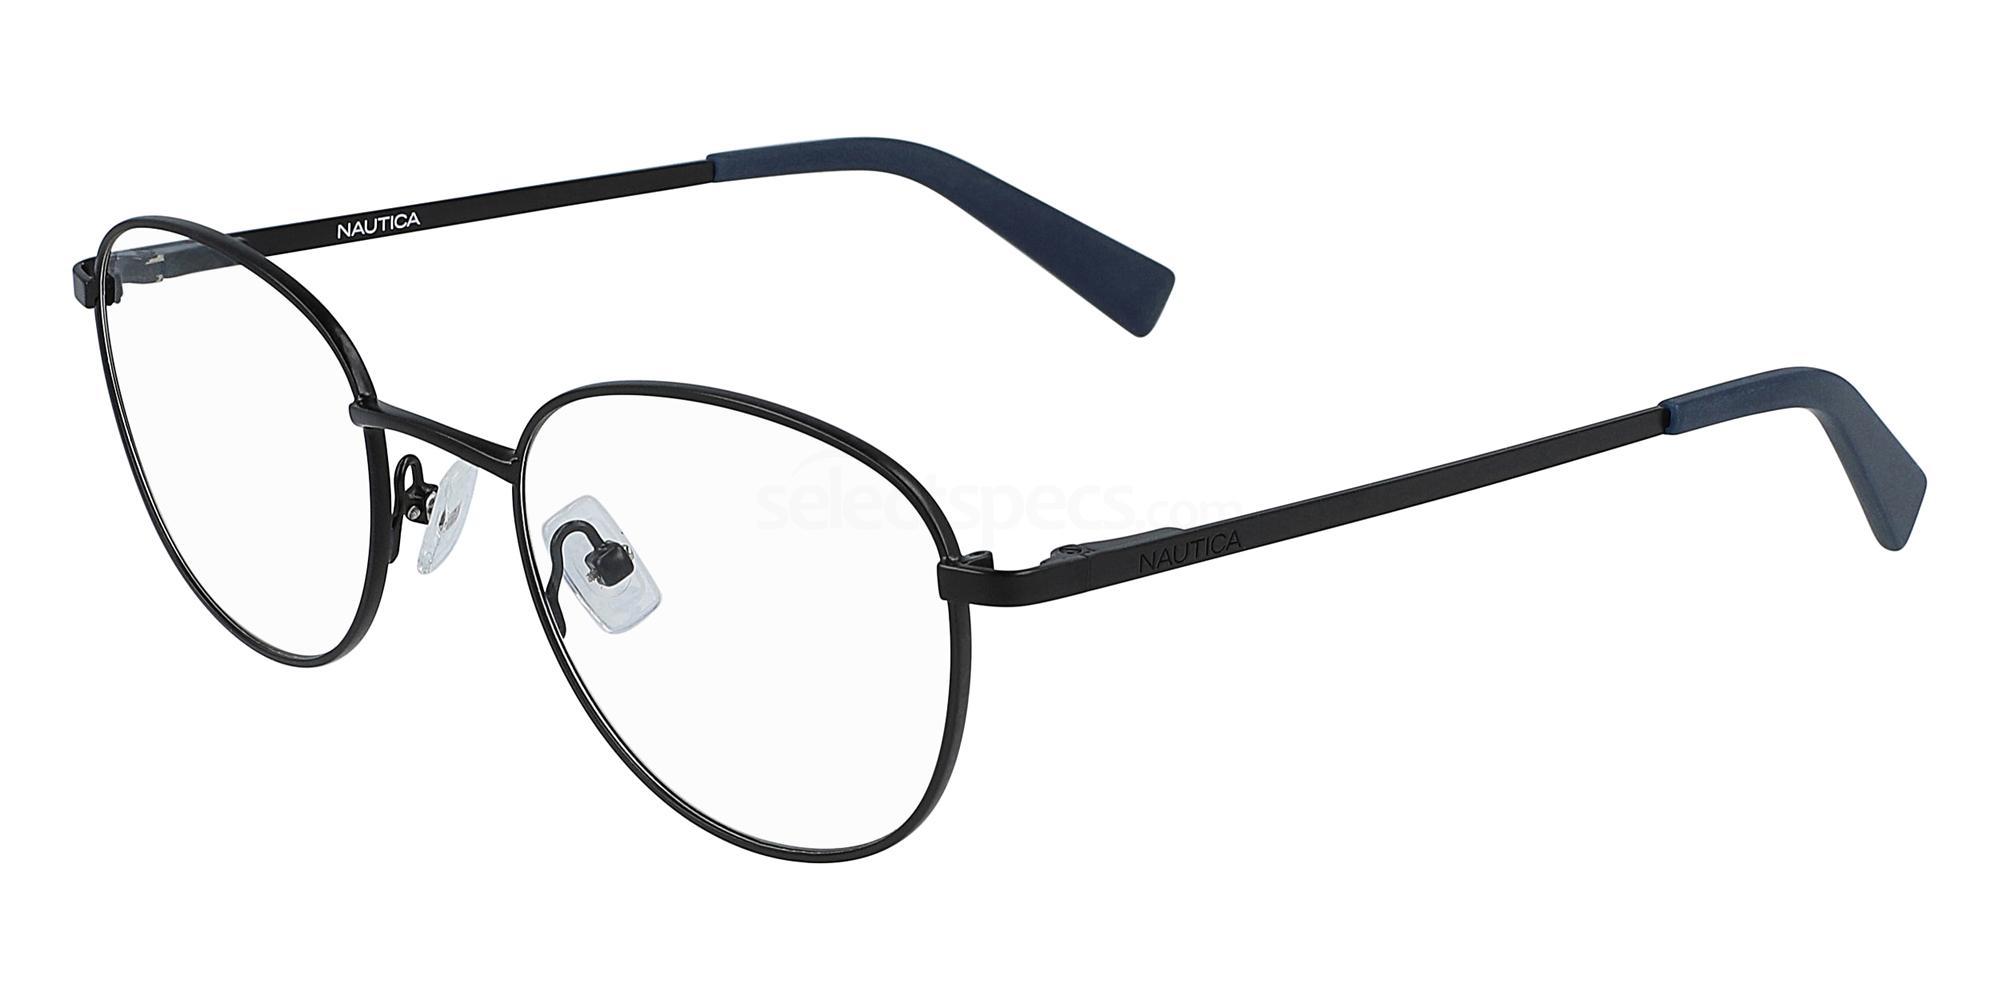 005 N7303 Glasses, Nautica